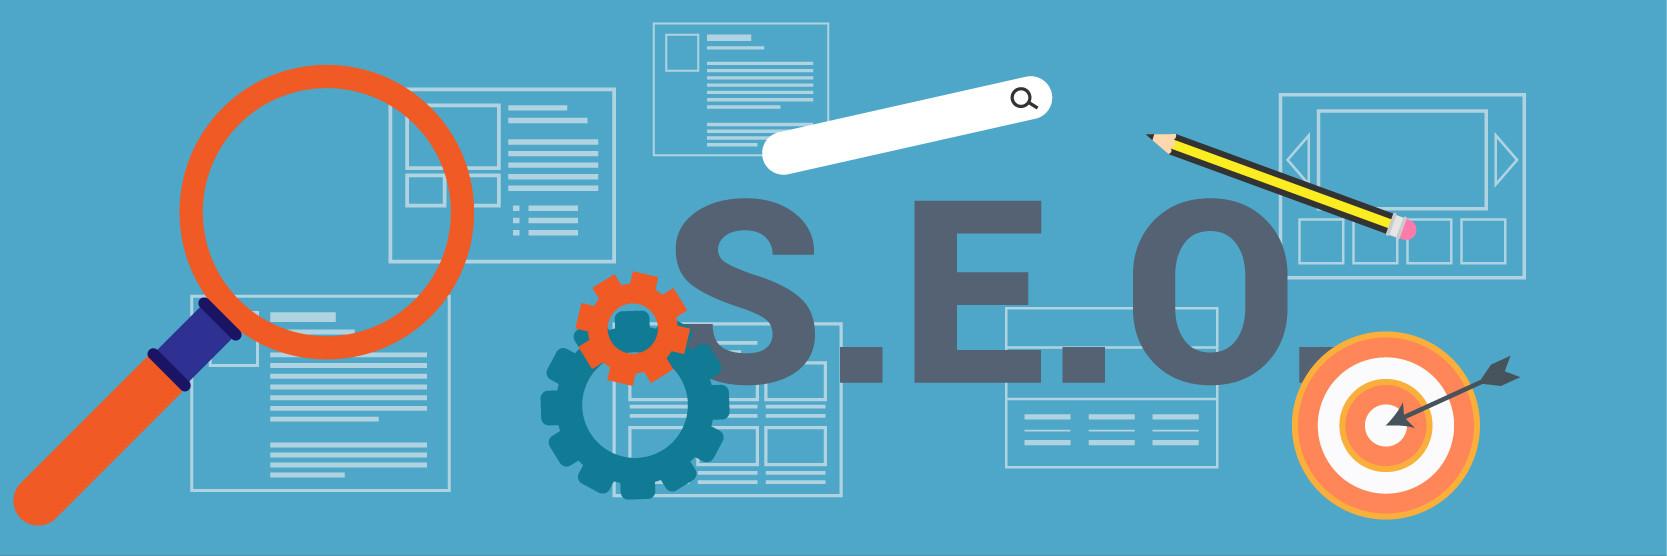 evolução do seo o que significa seo otimização de sites